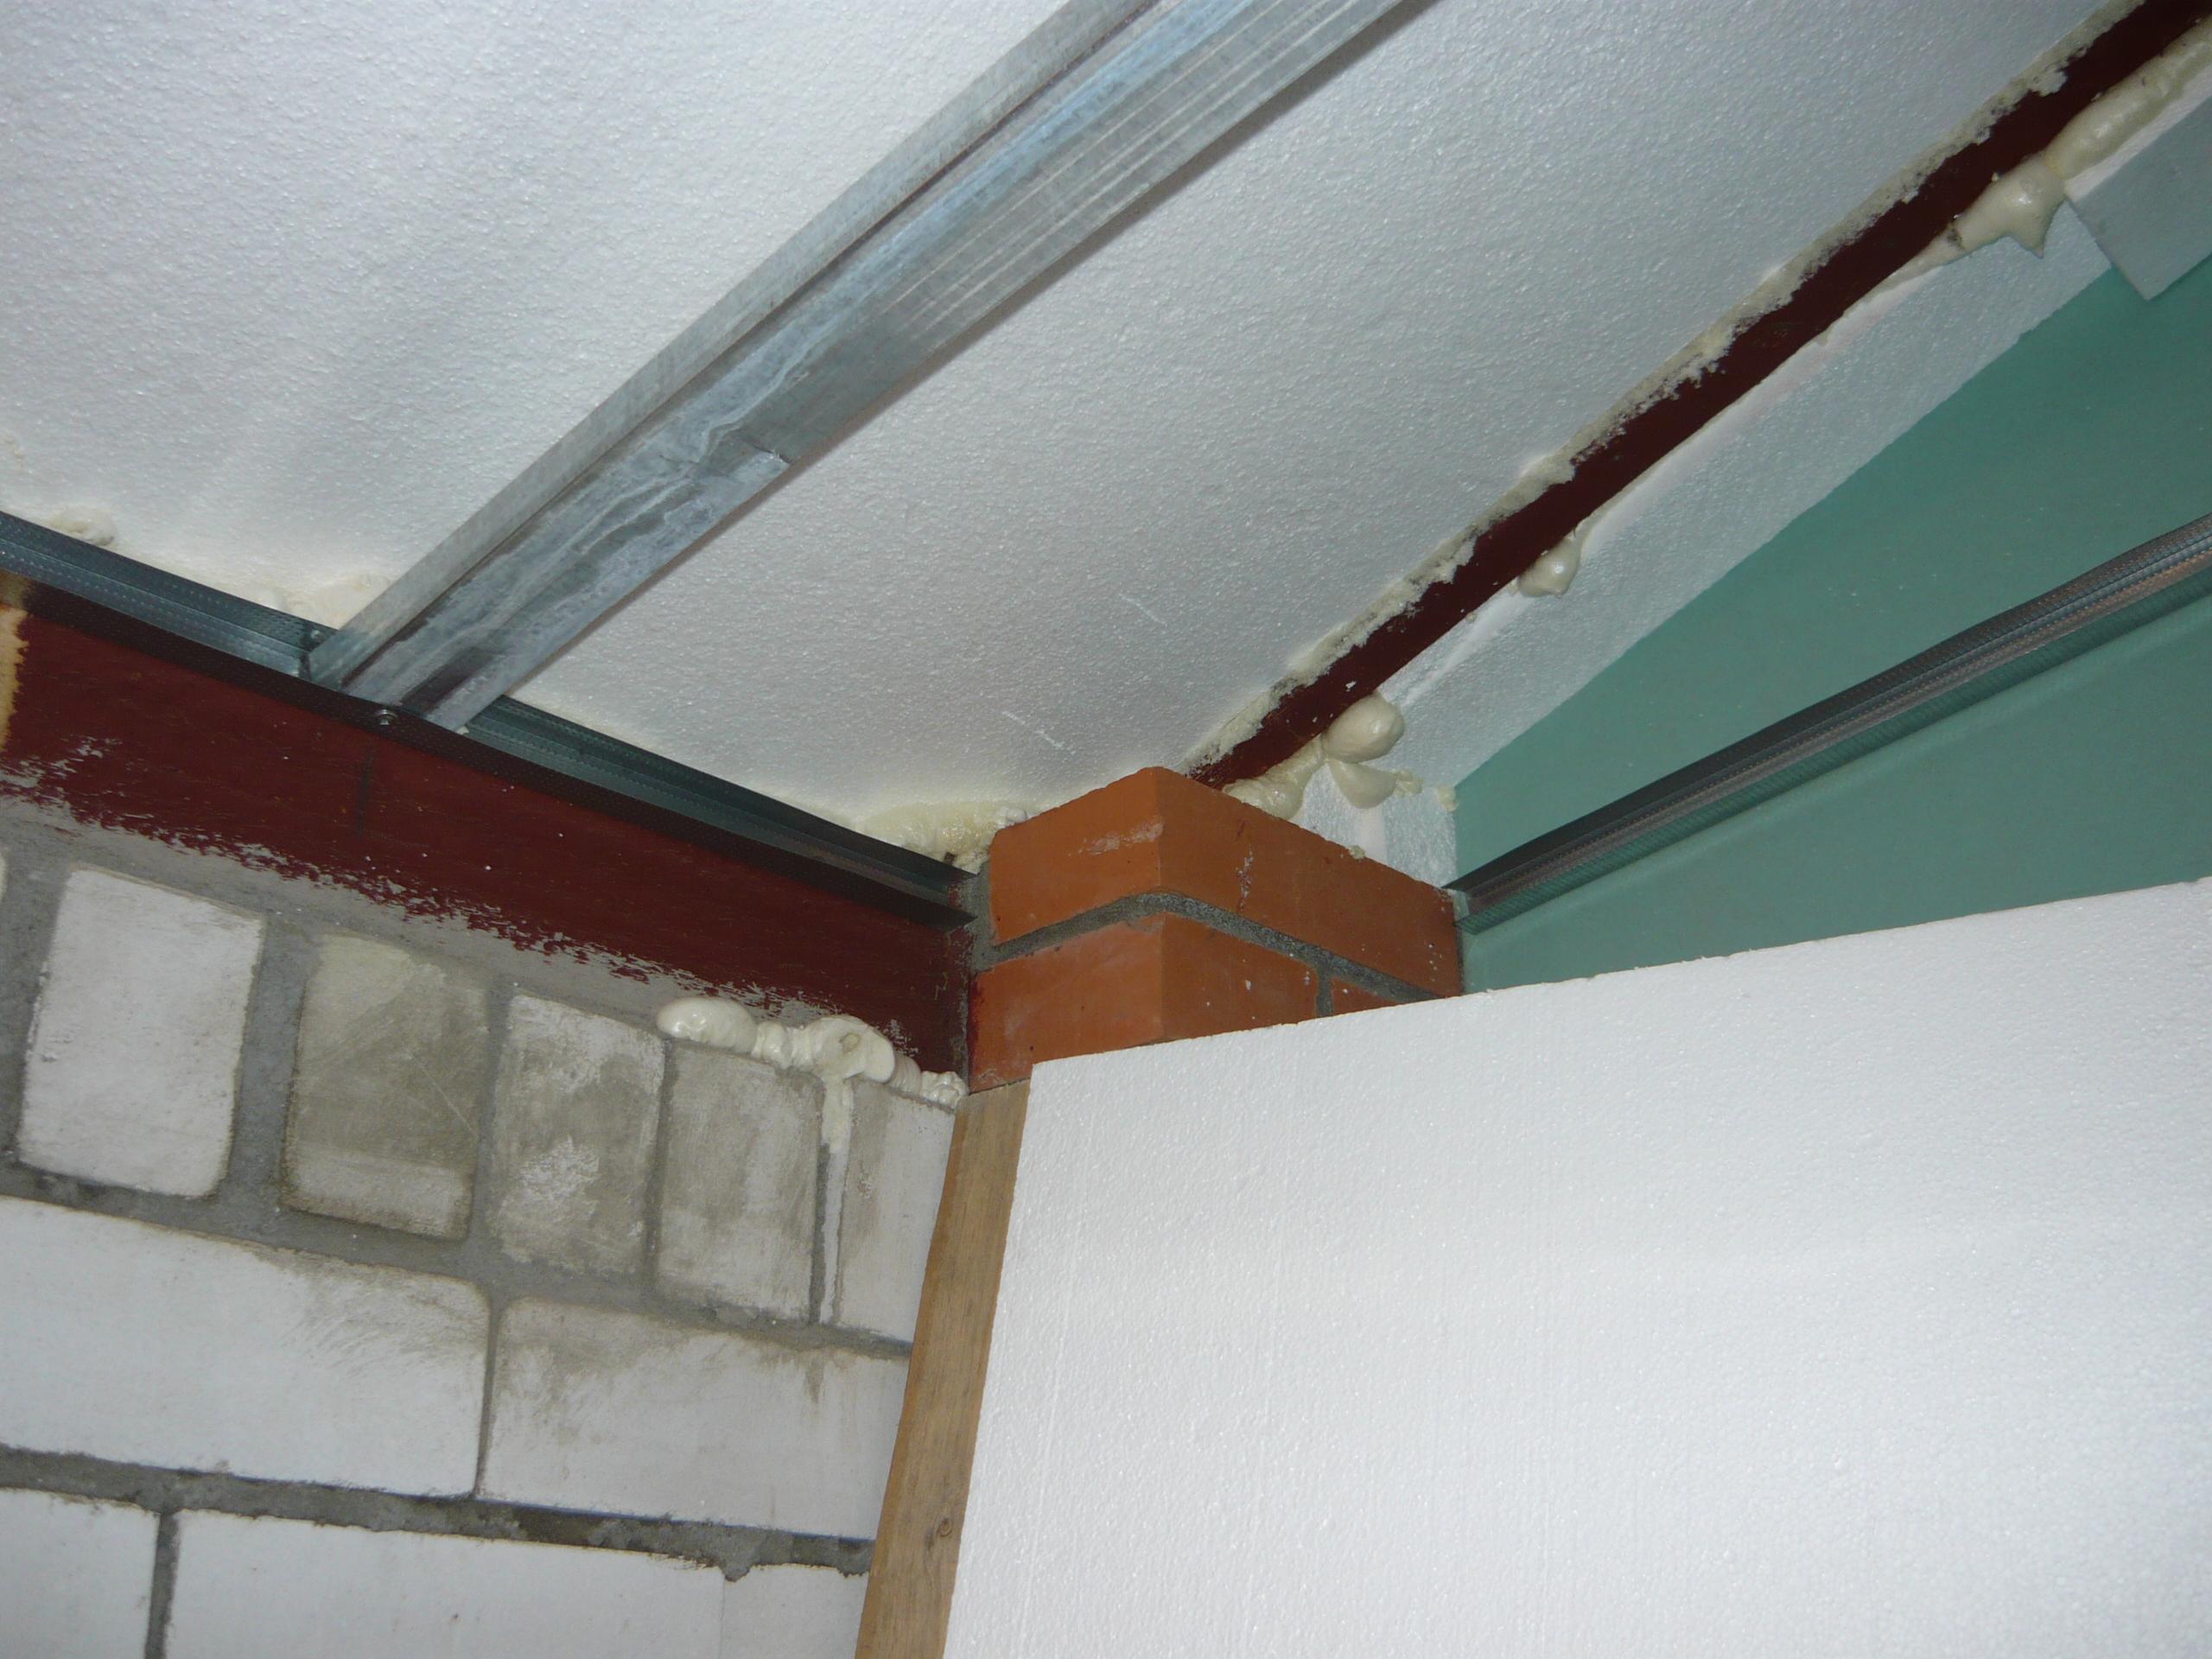 deco plafond pour salle de mariage orleans prix au m2 renovation entreprise ombmzb. Black Bedroom Furniture Sets. Home Design Ideas